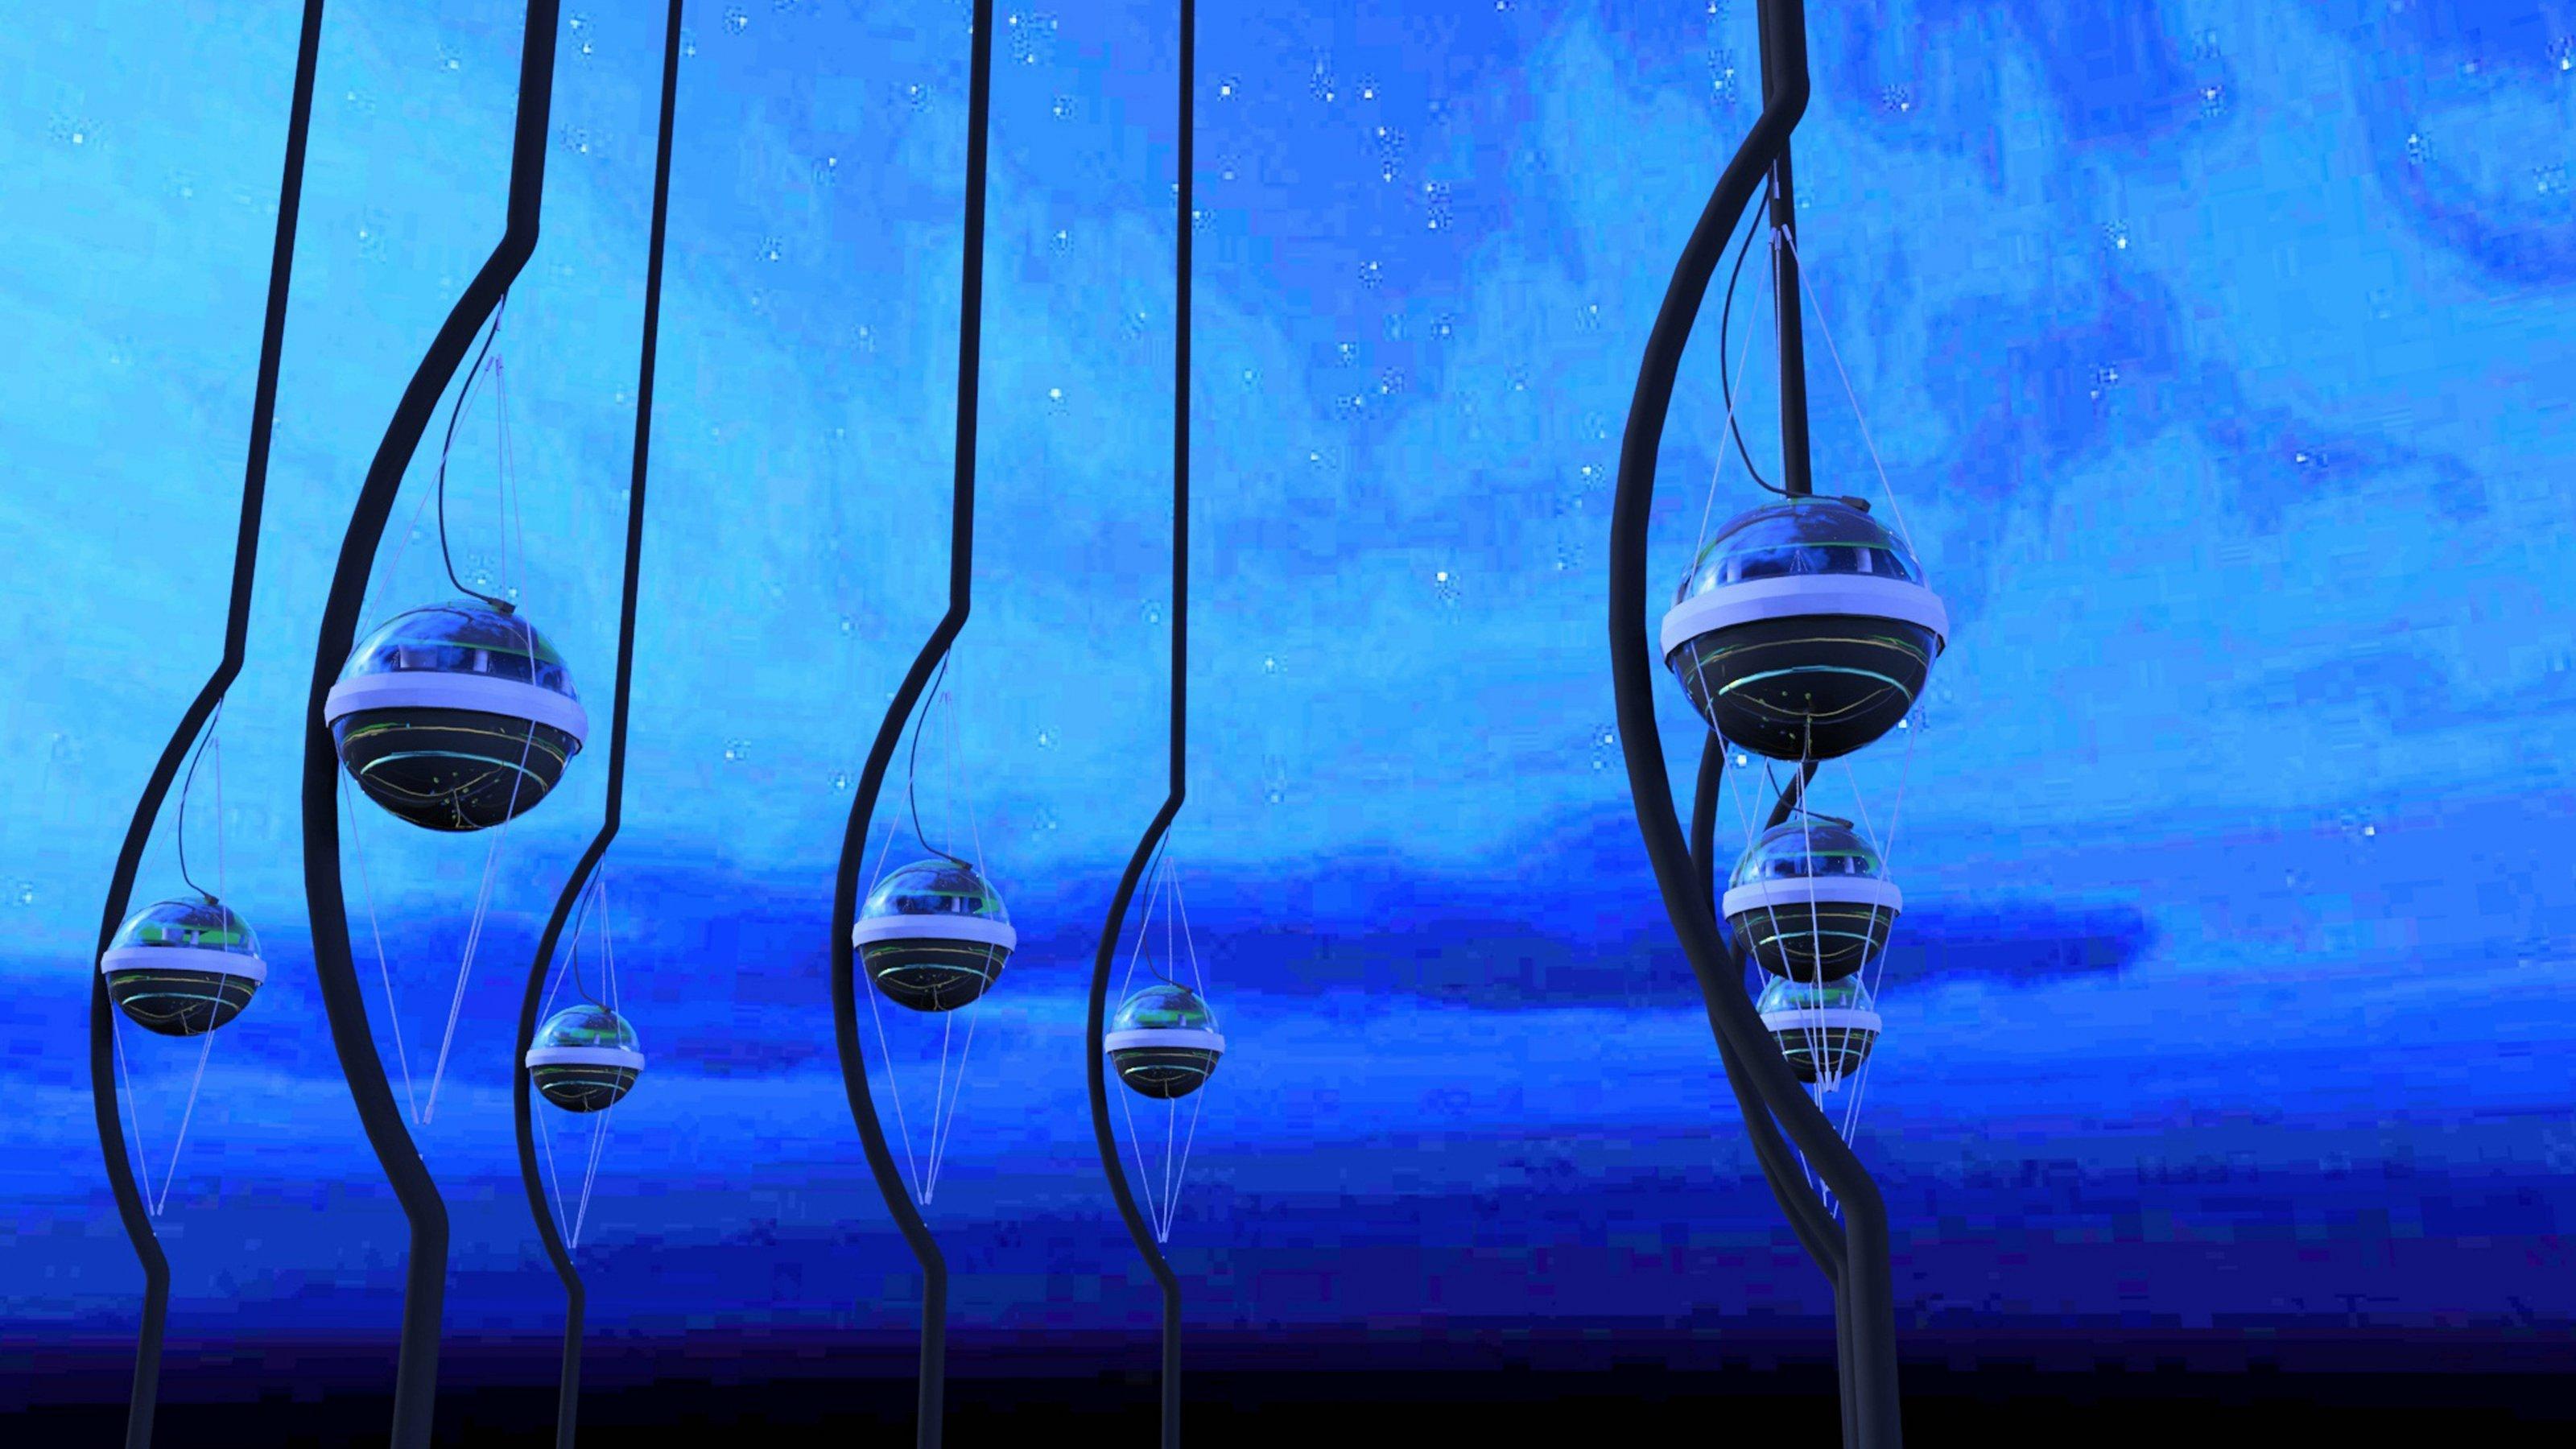 Die künstlerische Darstellung des IceCube-Experiments zeigt kugelartige Detektoren, die an bogenartigen Stangen aufgehängt sind.